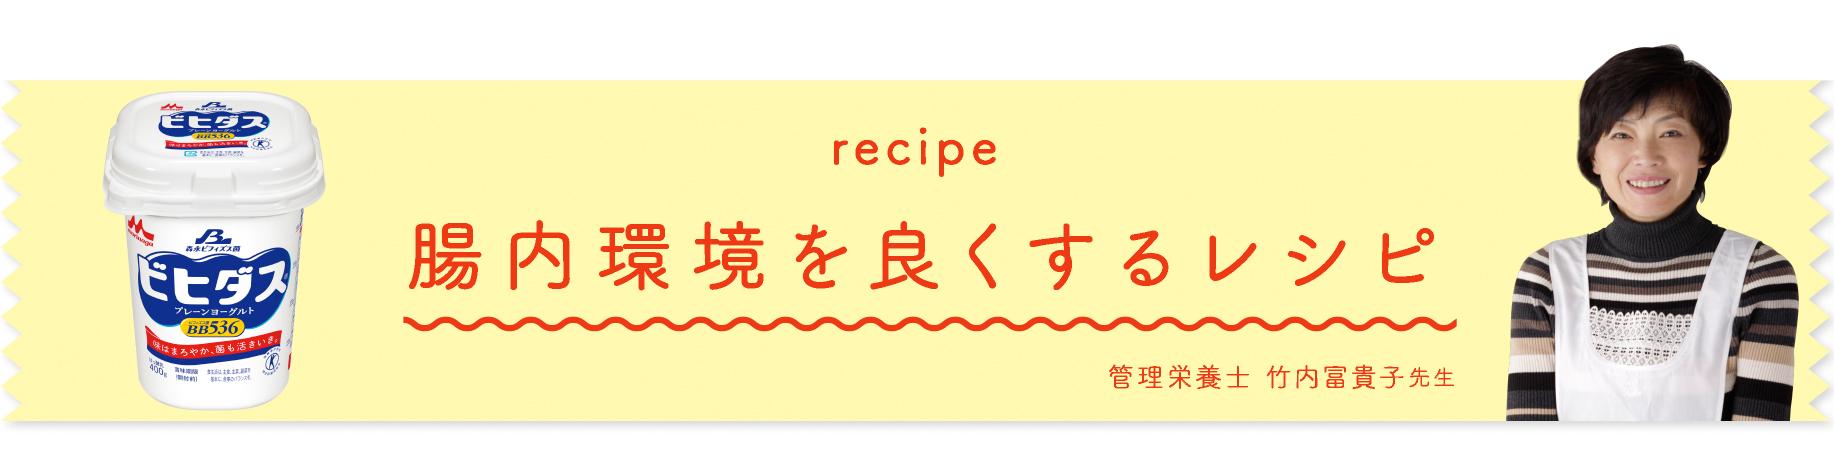 r e c i p e 腸内環境を良くするレシピ 管理栄養士 竹内冨貴子先生